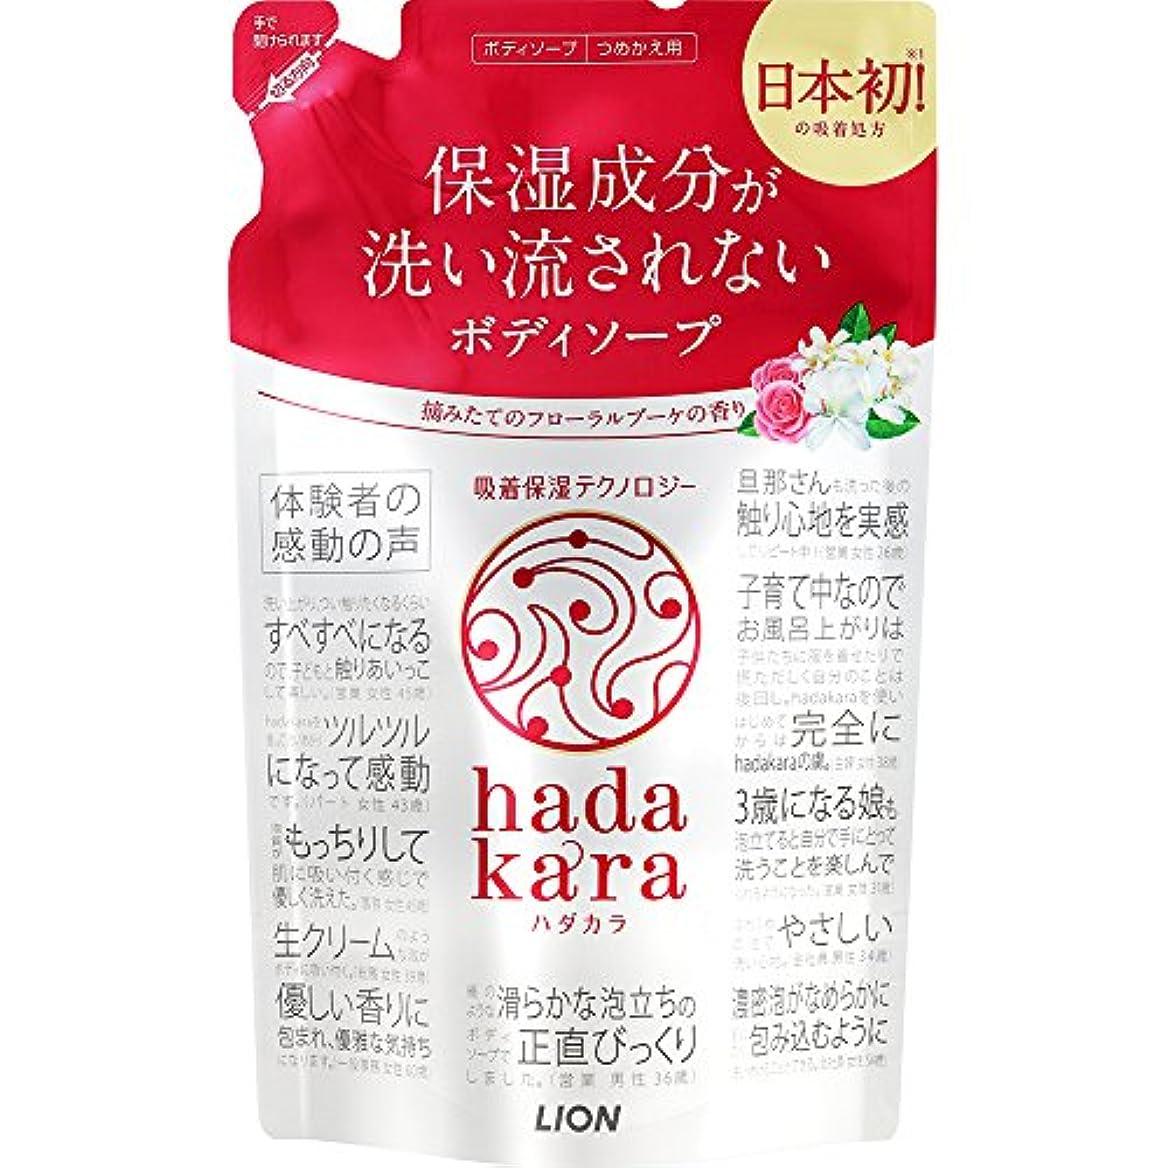 ハンバーガー血色の良いのためにhadakara(ハダカラ) ボディソープ フローラルブーケの香り 詰め替え 360ml